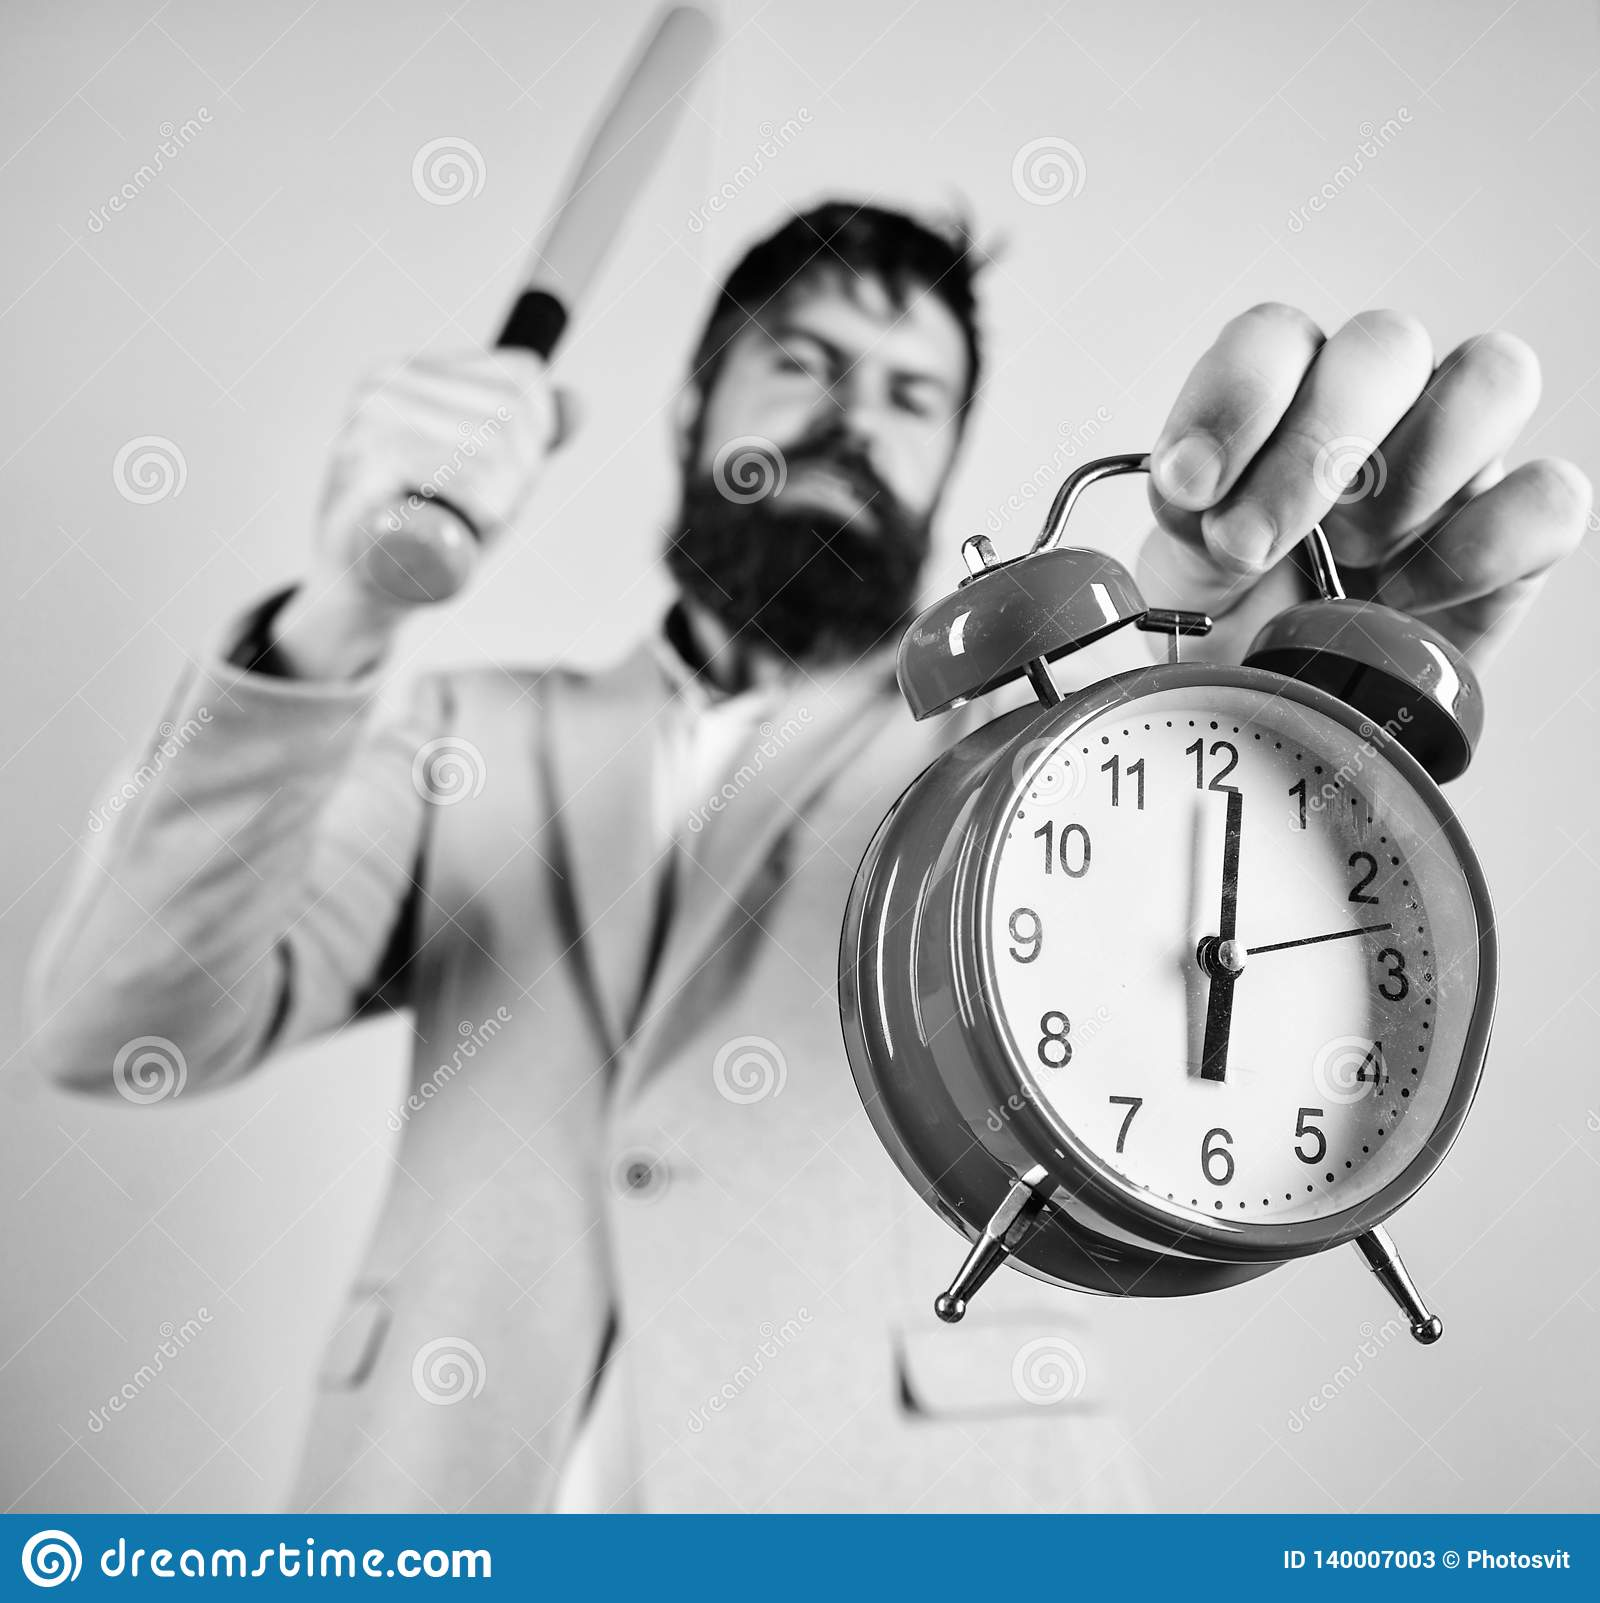 Πειθαρχία και κυρώσεις Κύριο επιθετικό ξυπνητήρι λαβής προσώπου Καταστρέψτε ή κλείστε Ρολόι και μπέιζ-μπώλ λαβής κοστουμιών ατόμω